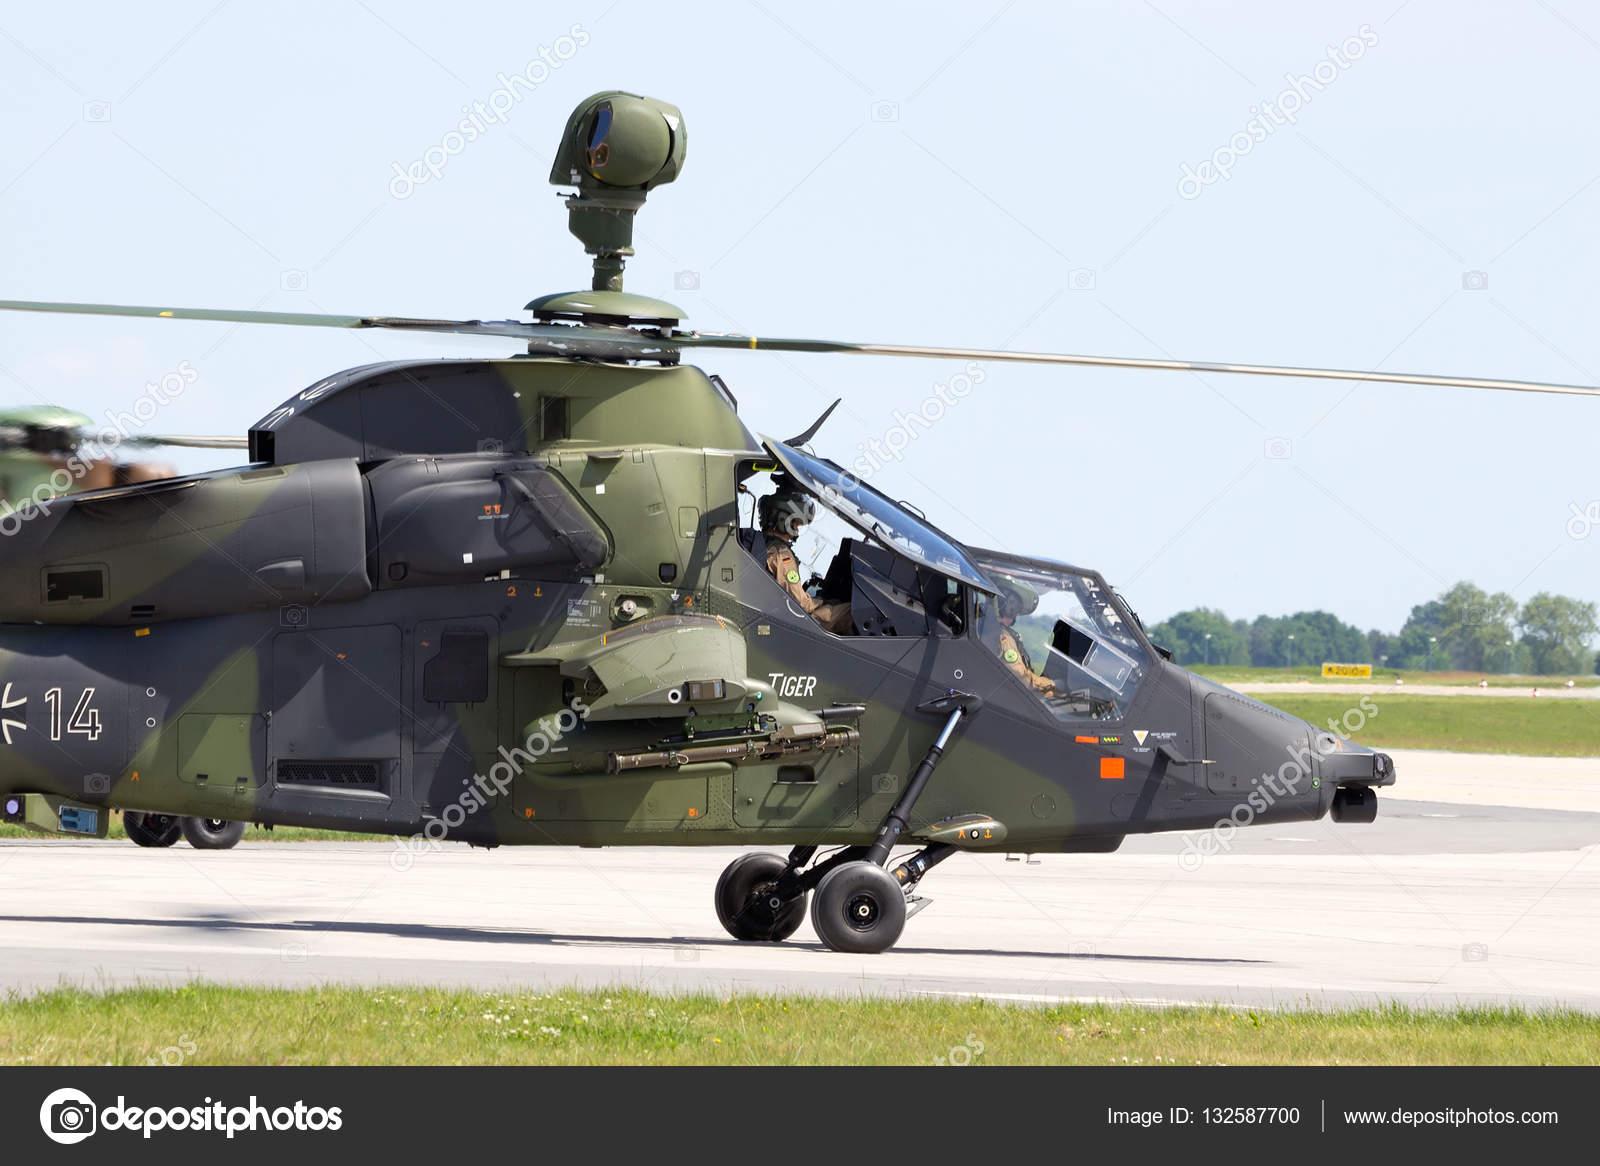 Elicottero Tiger : Elicottero d attacco tigre — foto editoriale stock